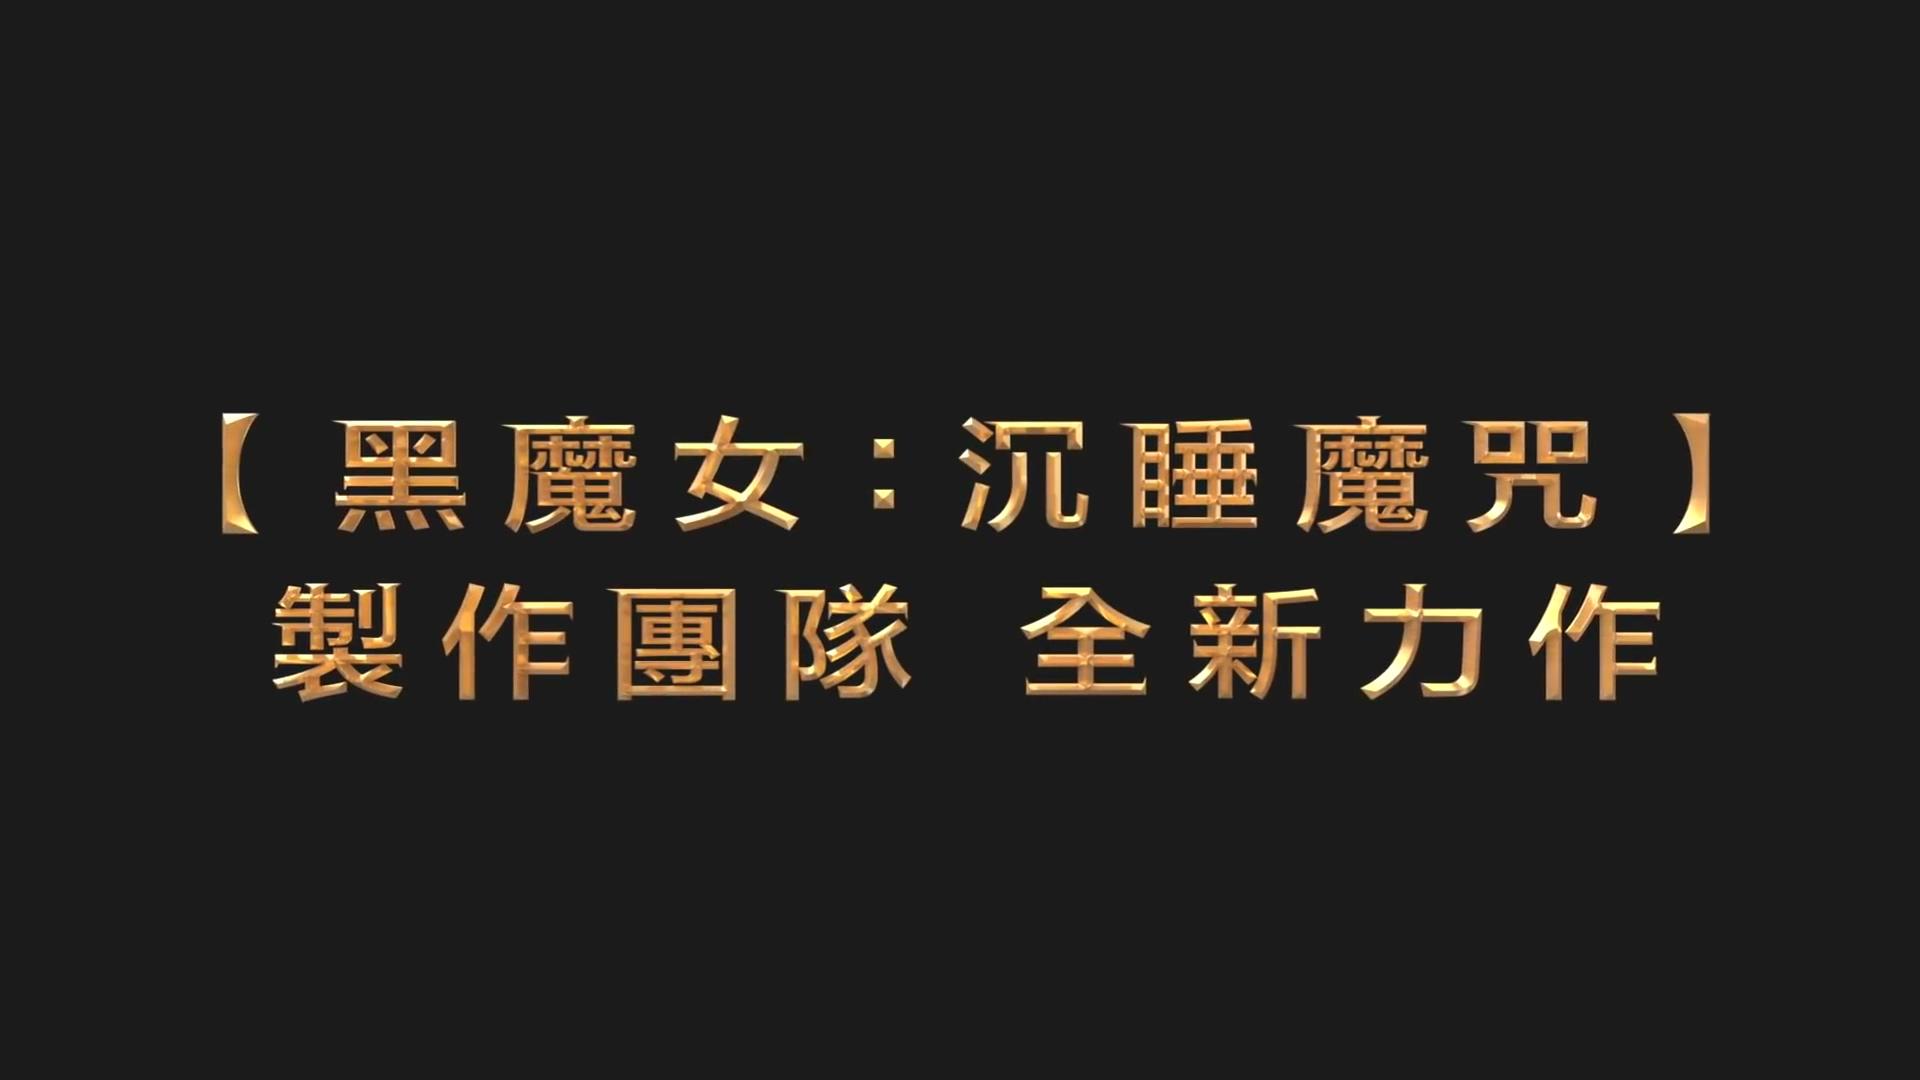 《怪医杜立德》中文预告首曝 神仙级阵容共赴秘境